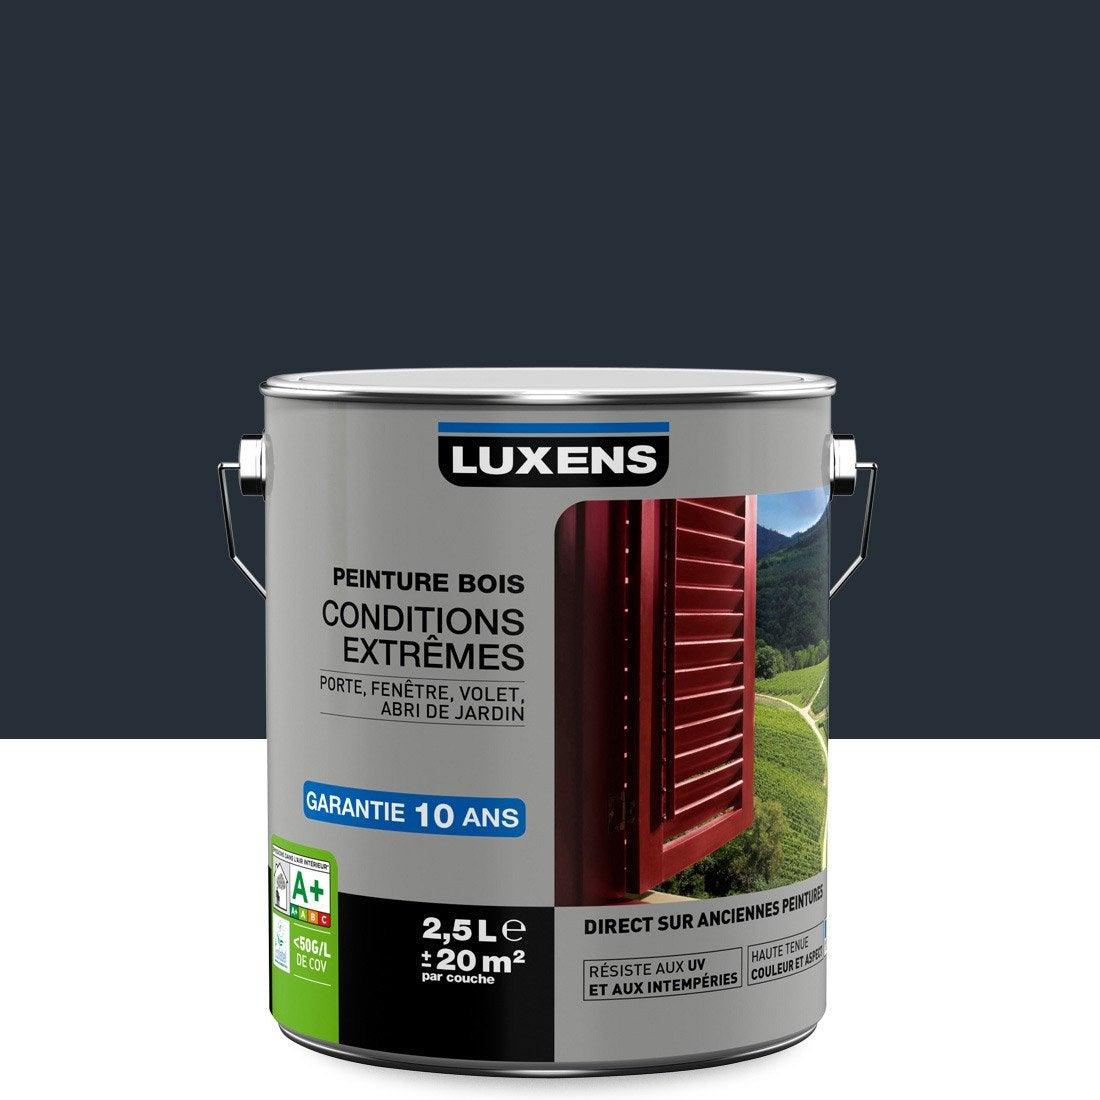 Peinture Bois Extérieur Conditions Extrêmes LUXENS, Gris Anthracite, 2.5 L